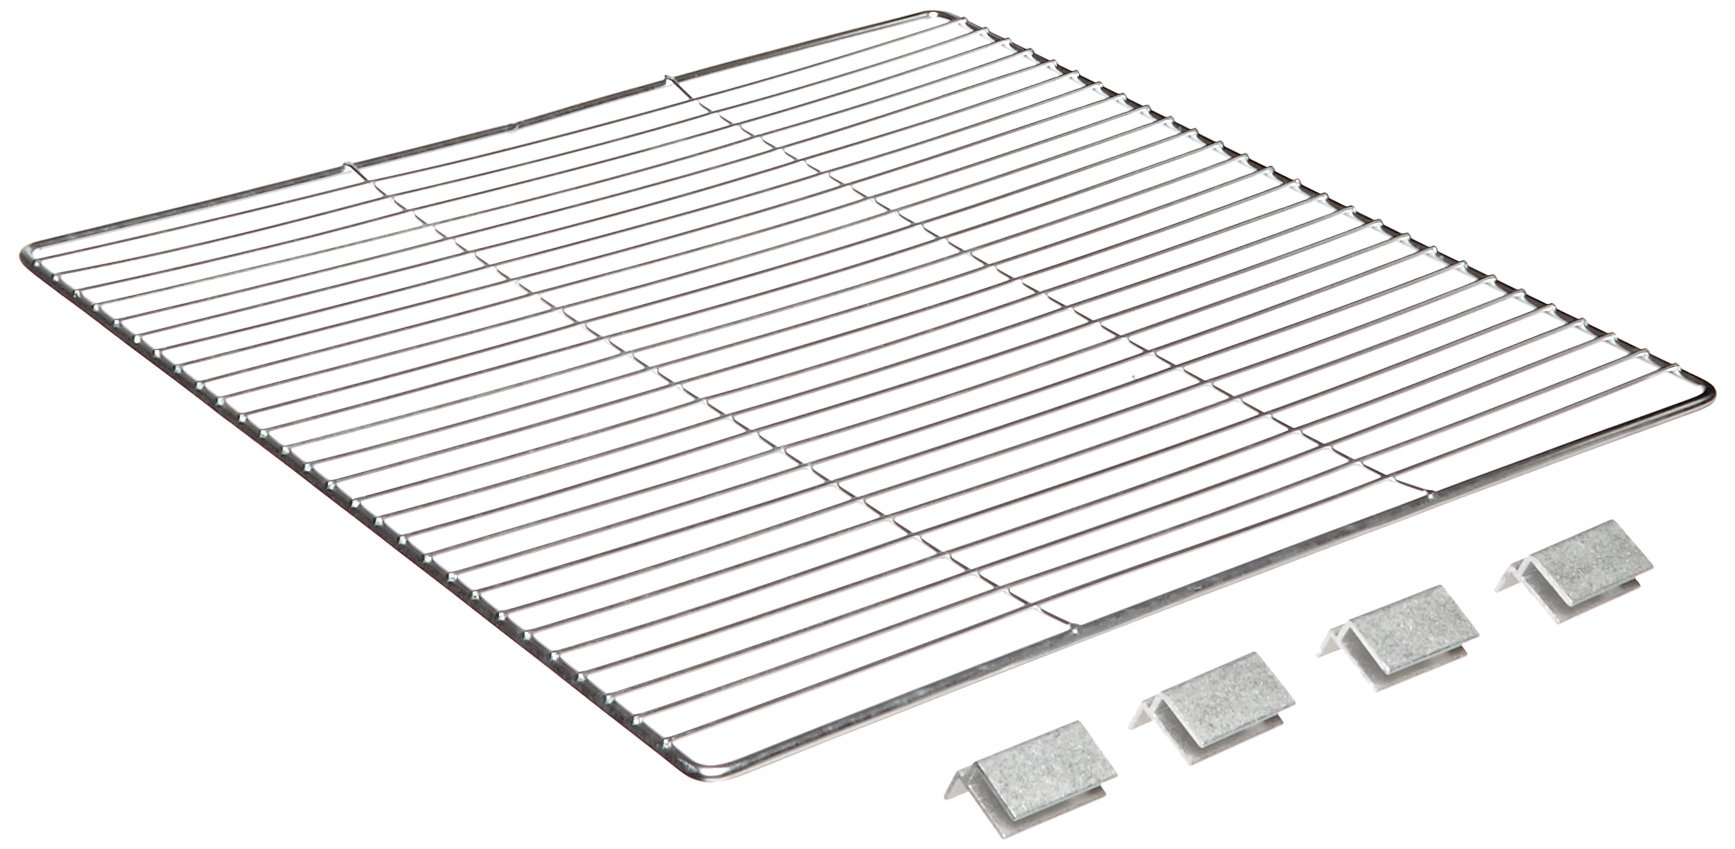 Boekel Shelf for 132000/133000 Economy Incubators, 11-1/4'' L x 10-1/4'' W